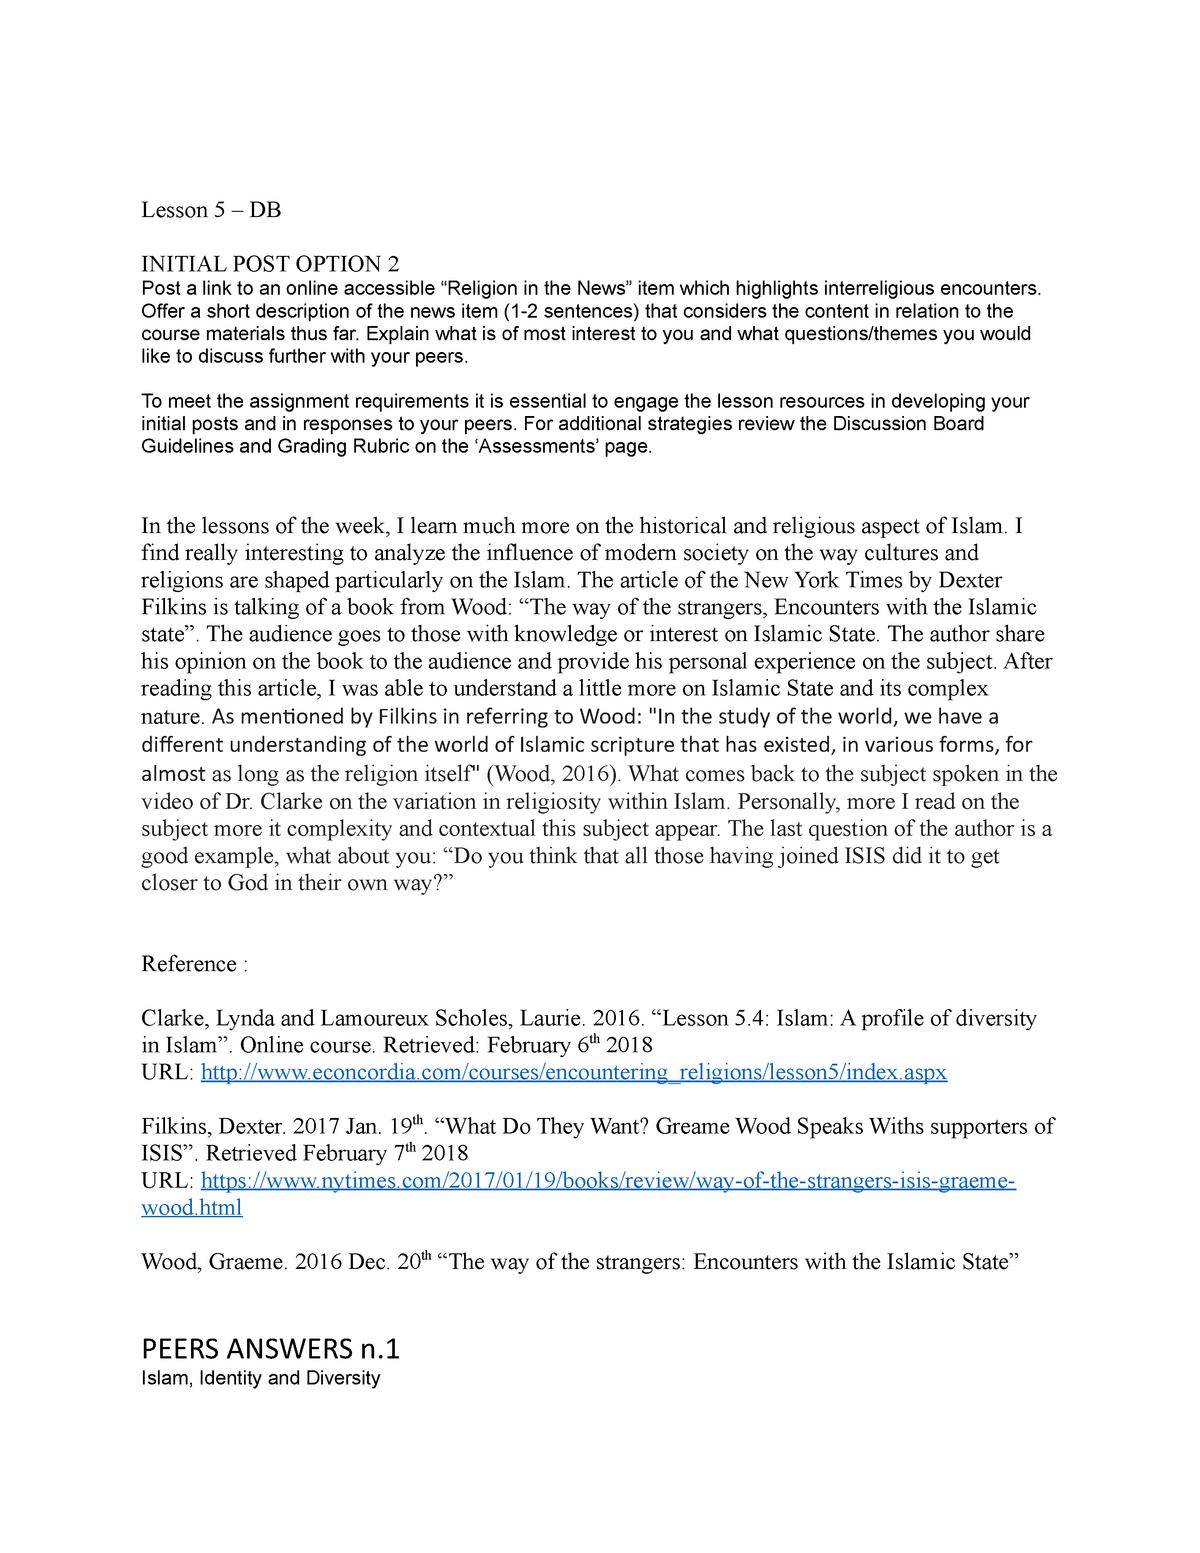 RELI216 L5 DB - Discussion Board Lesson 5 - RELI 216